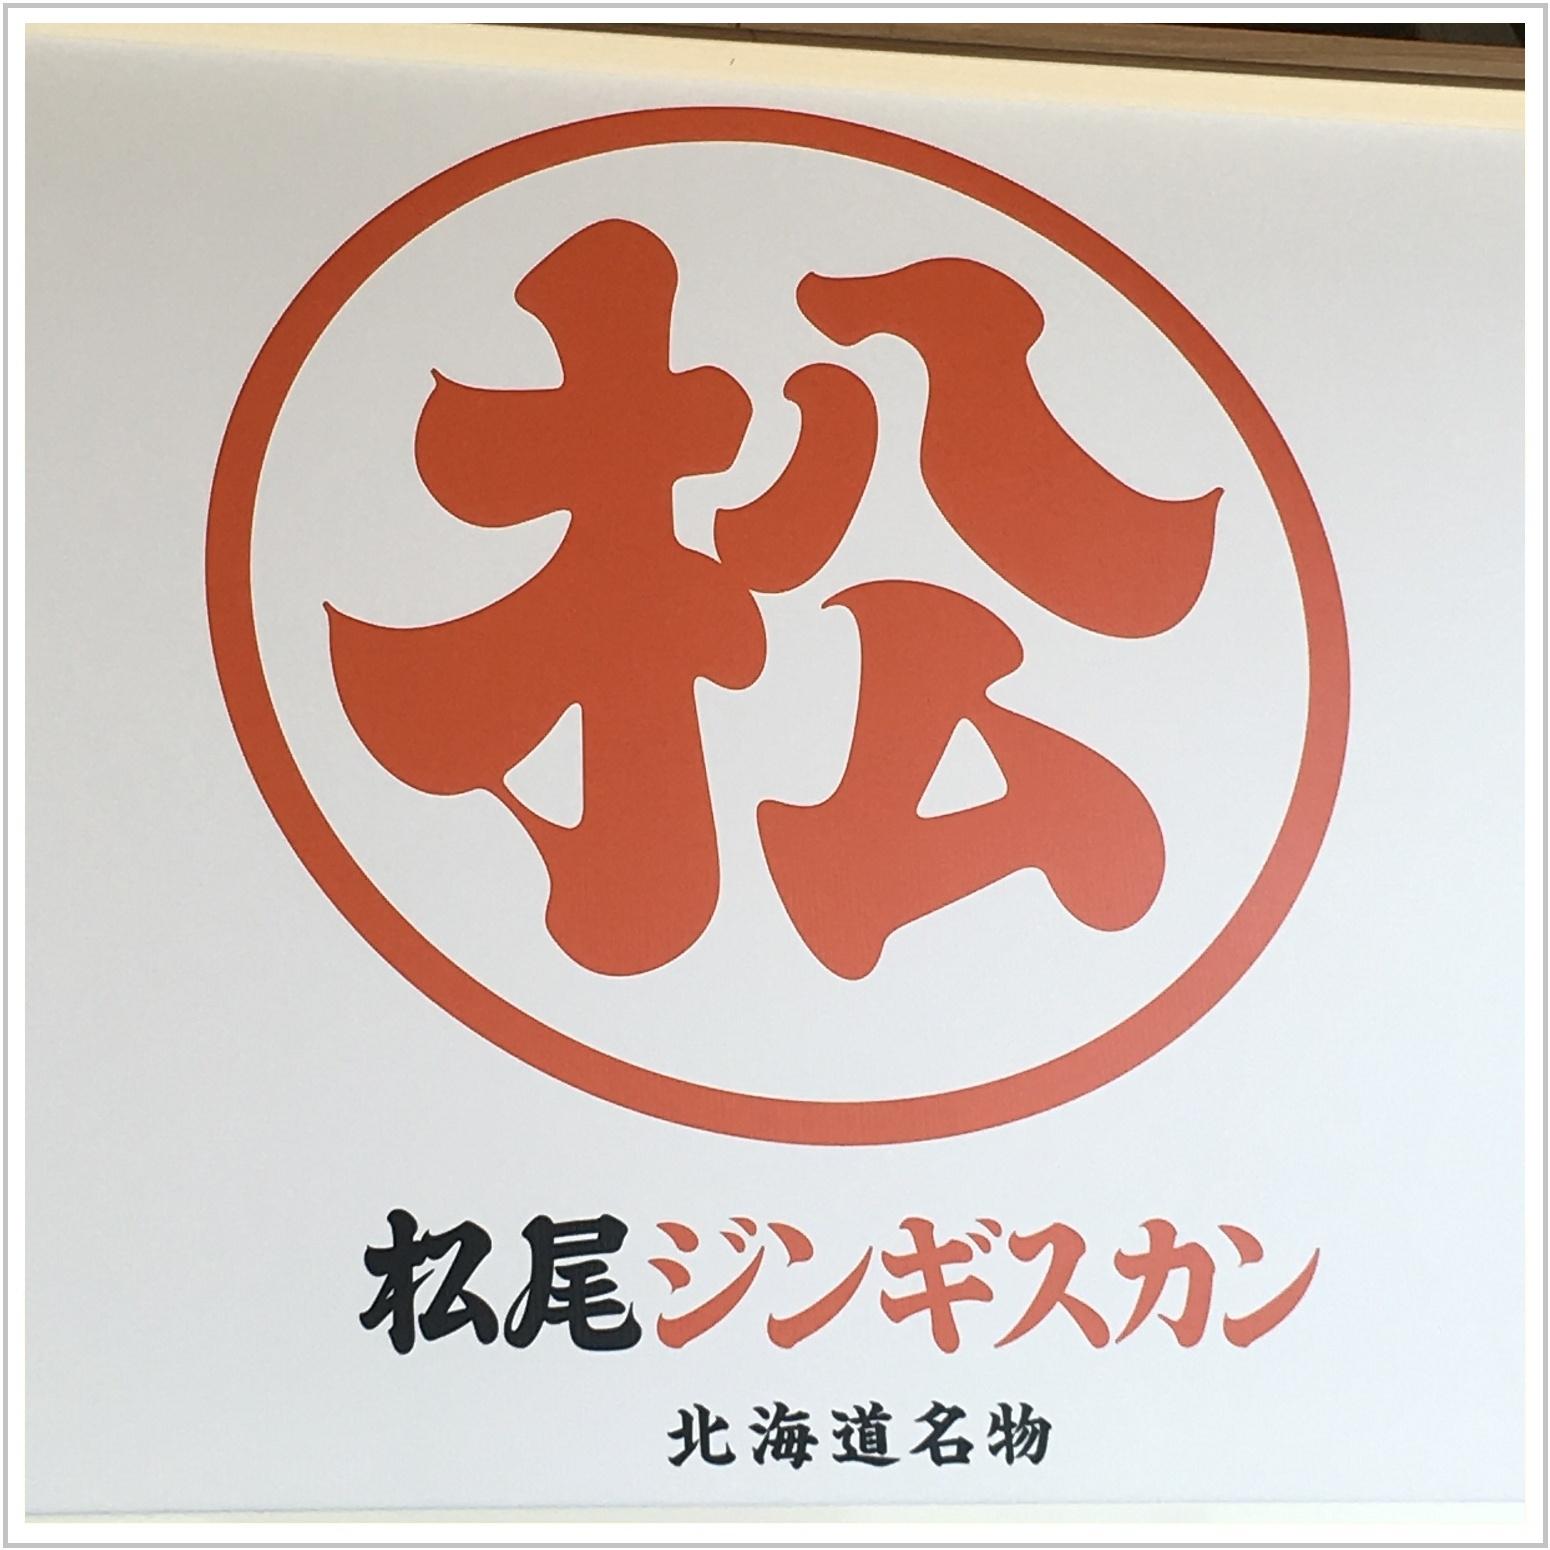 jingisukan_6_813.jpg